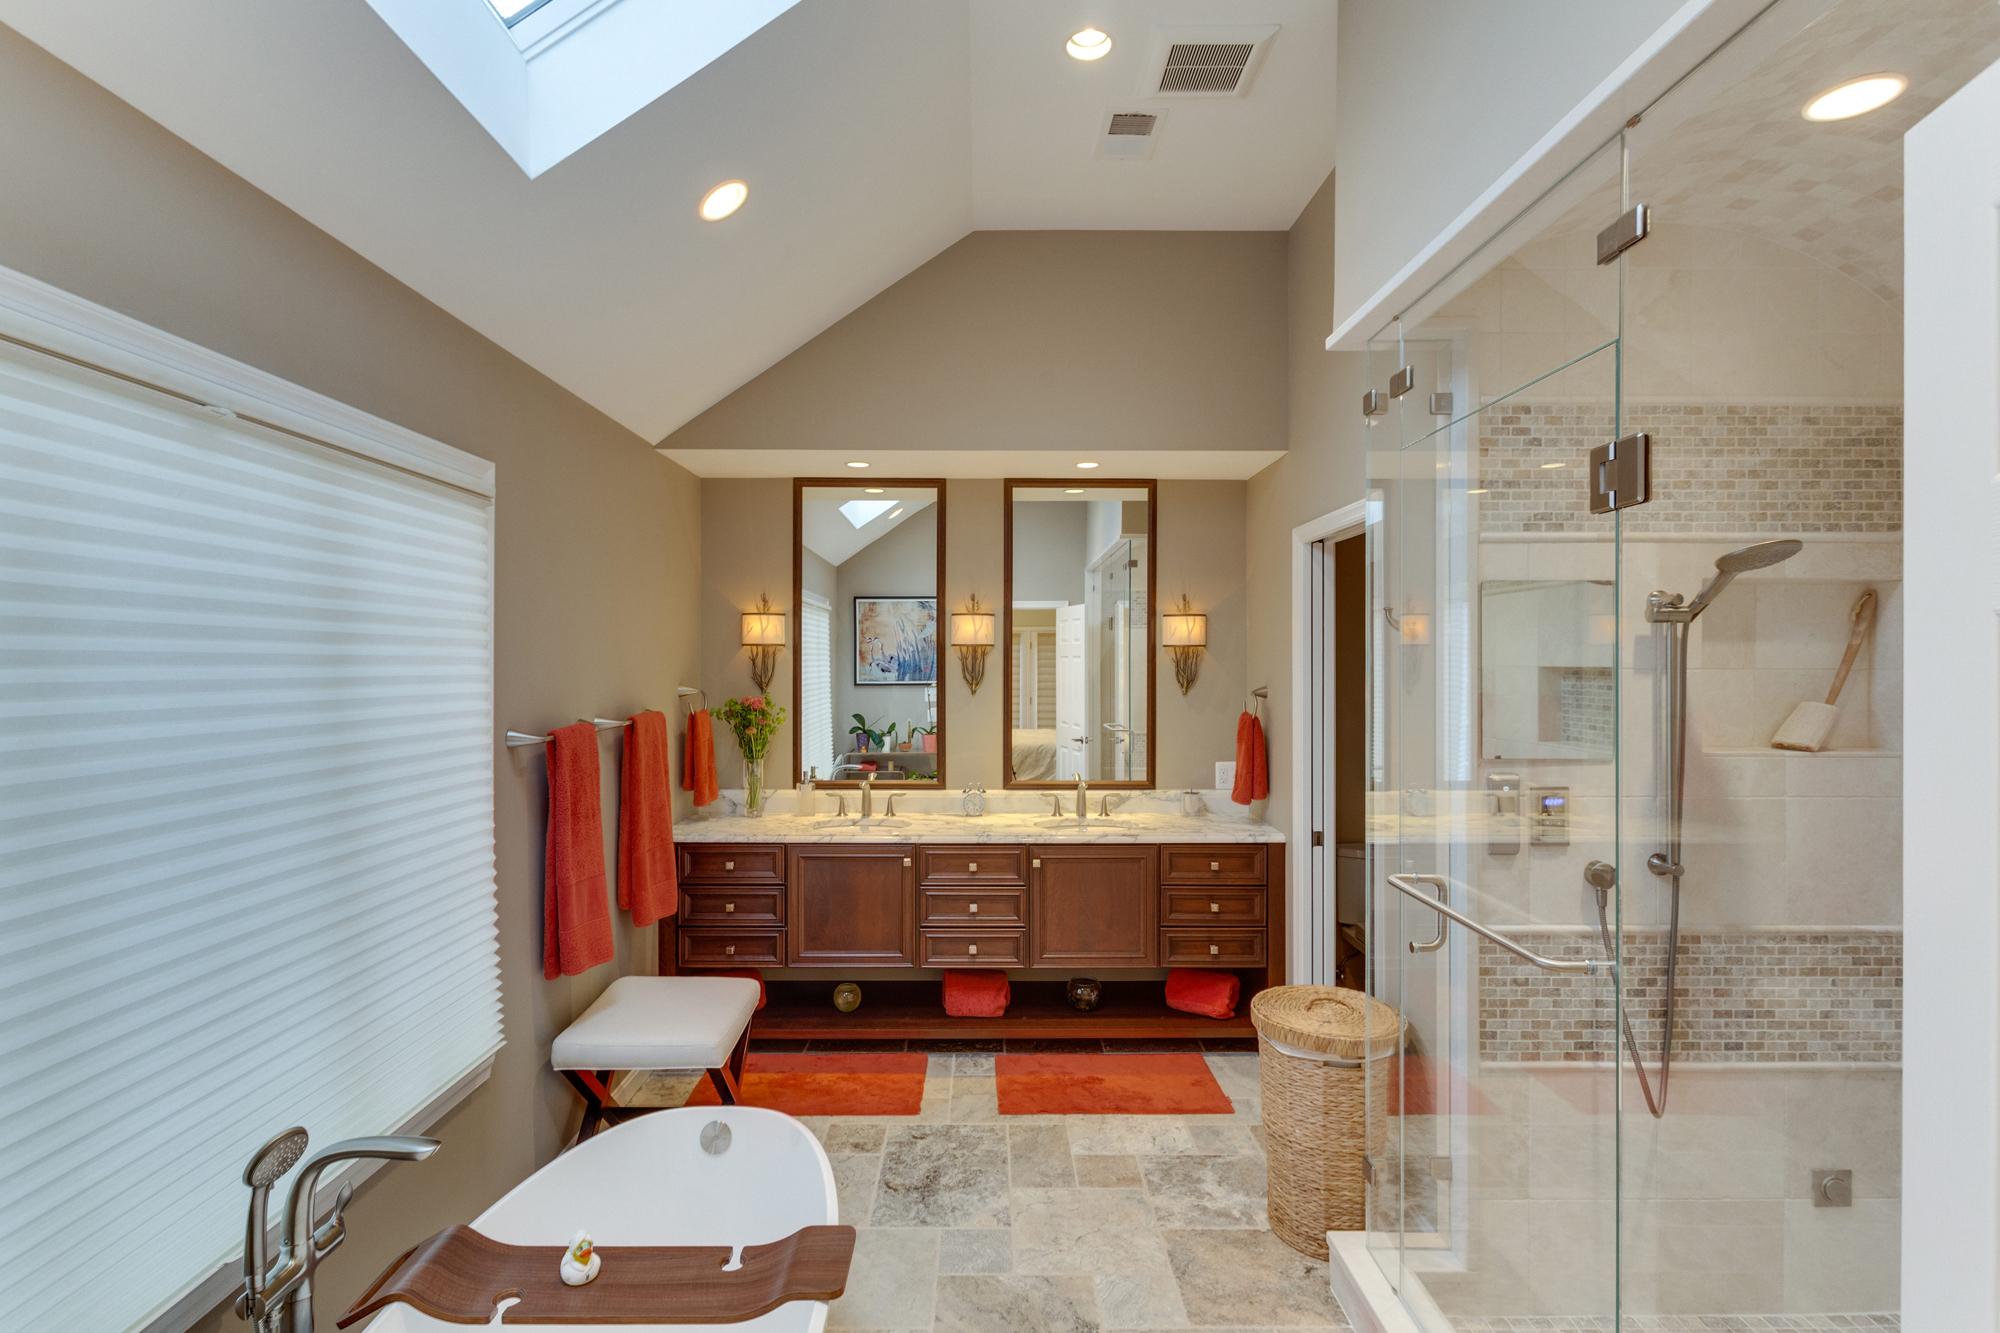 universal design master suite renovation in mclean, va | bowa